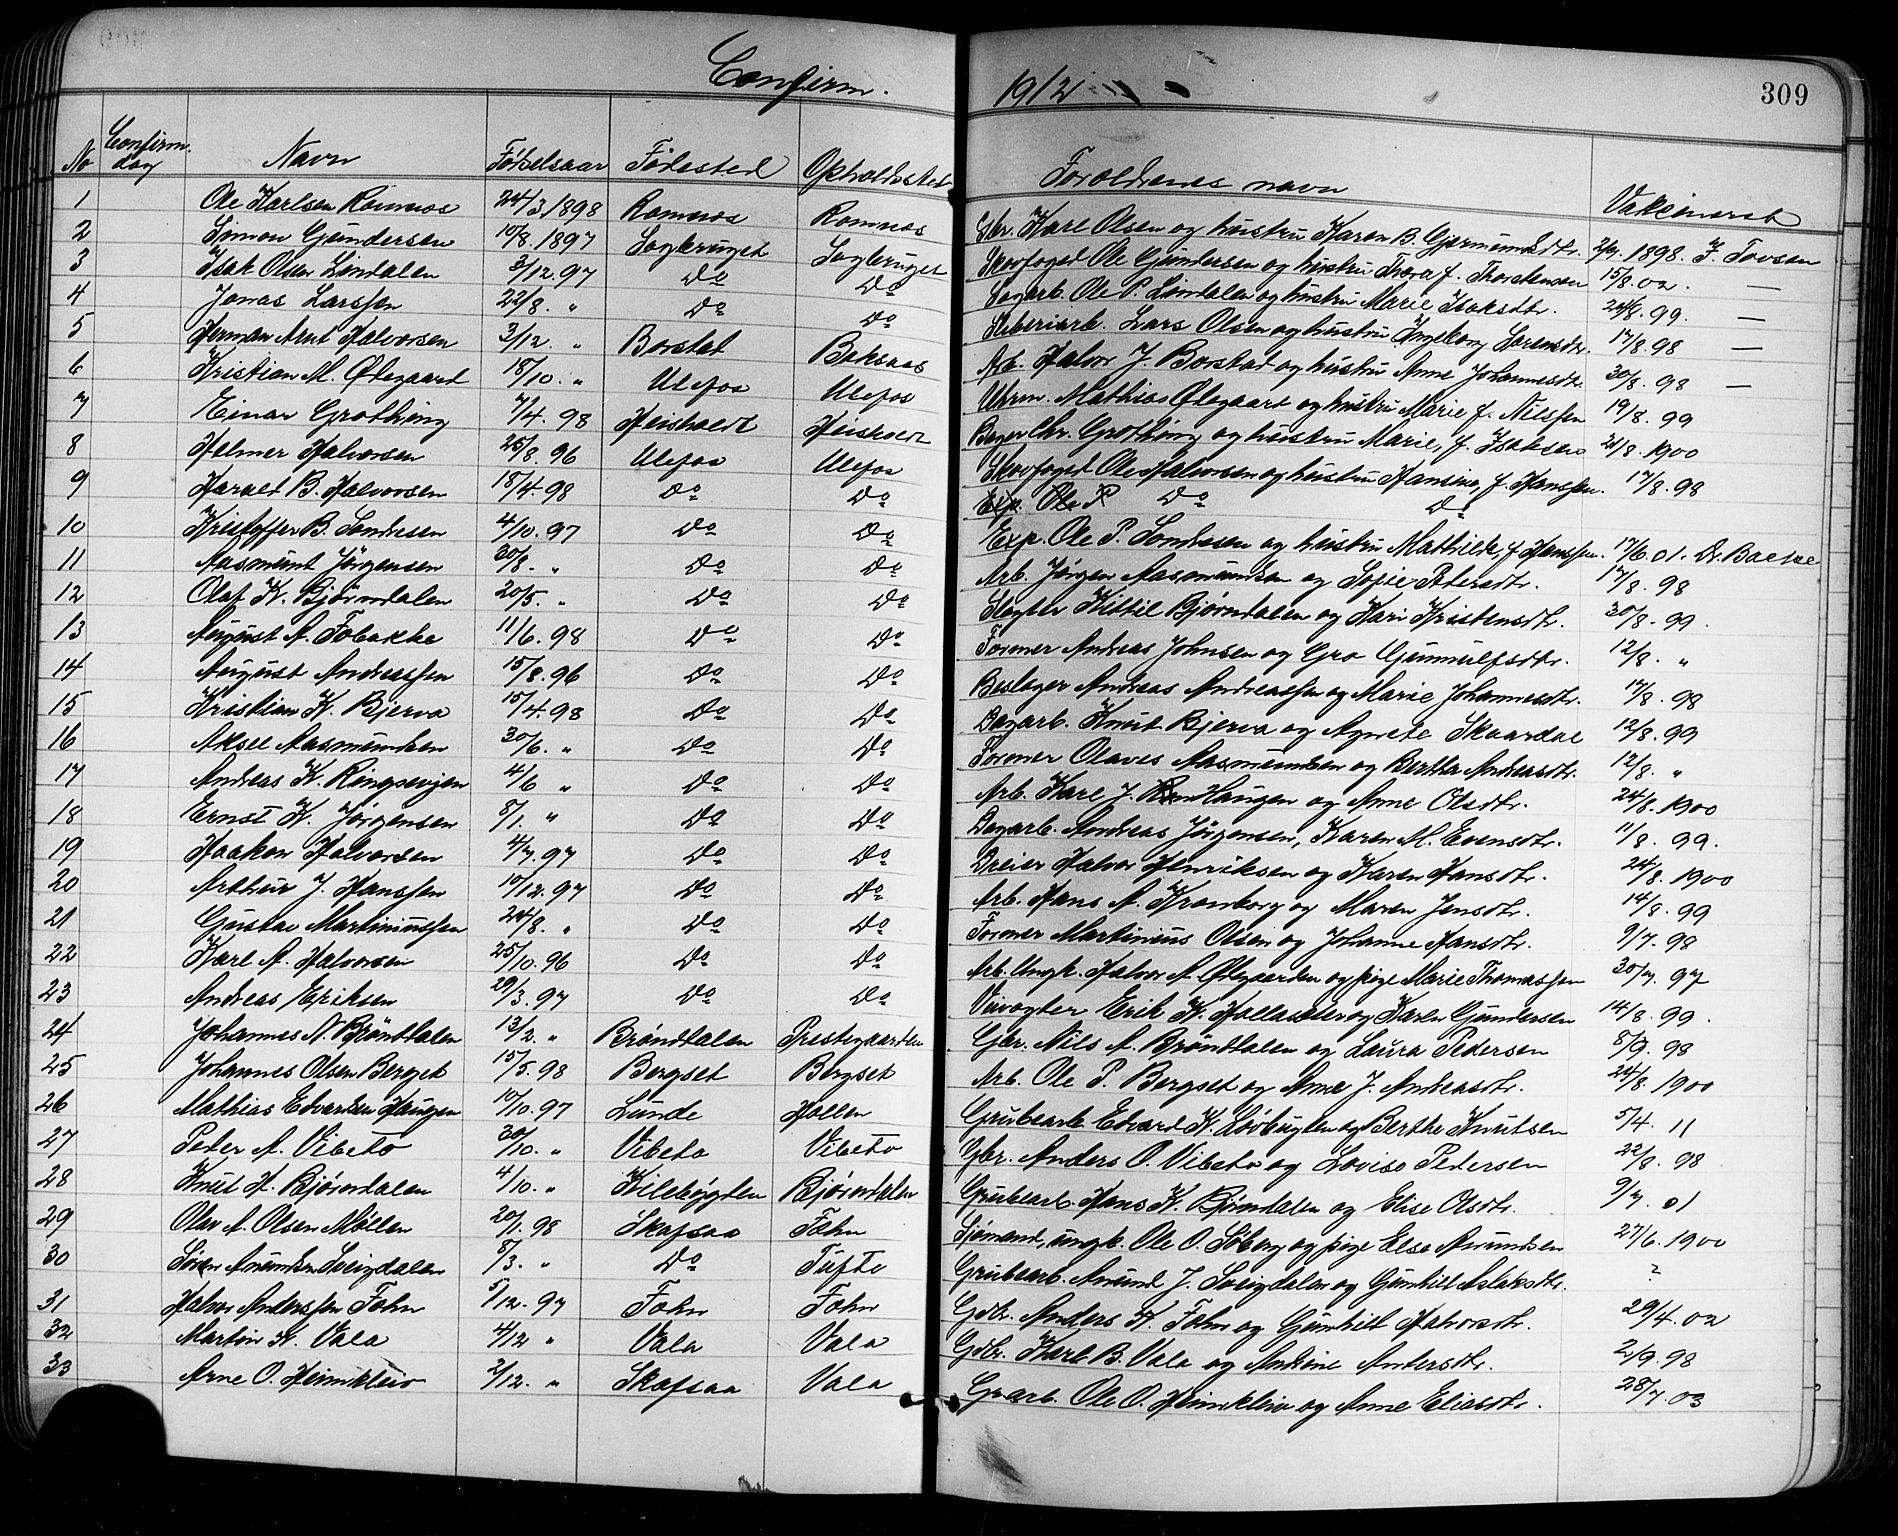 SAKO, Holla kirkebøker, G/Ga/L0005: Klokkerbok nr. I 5, 1891-1917, s. 309